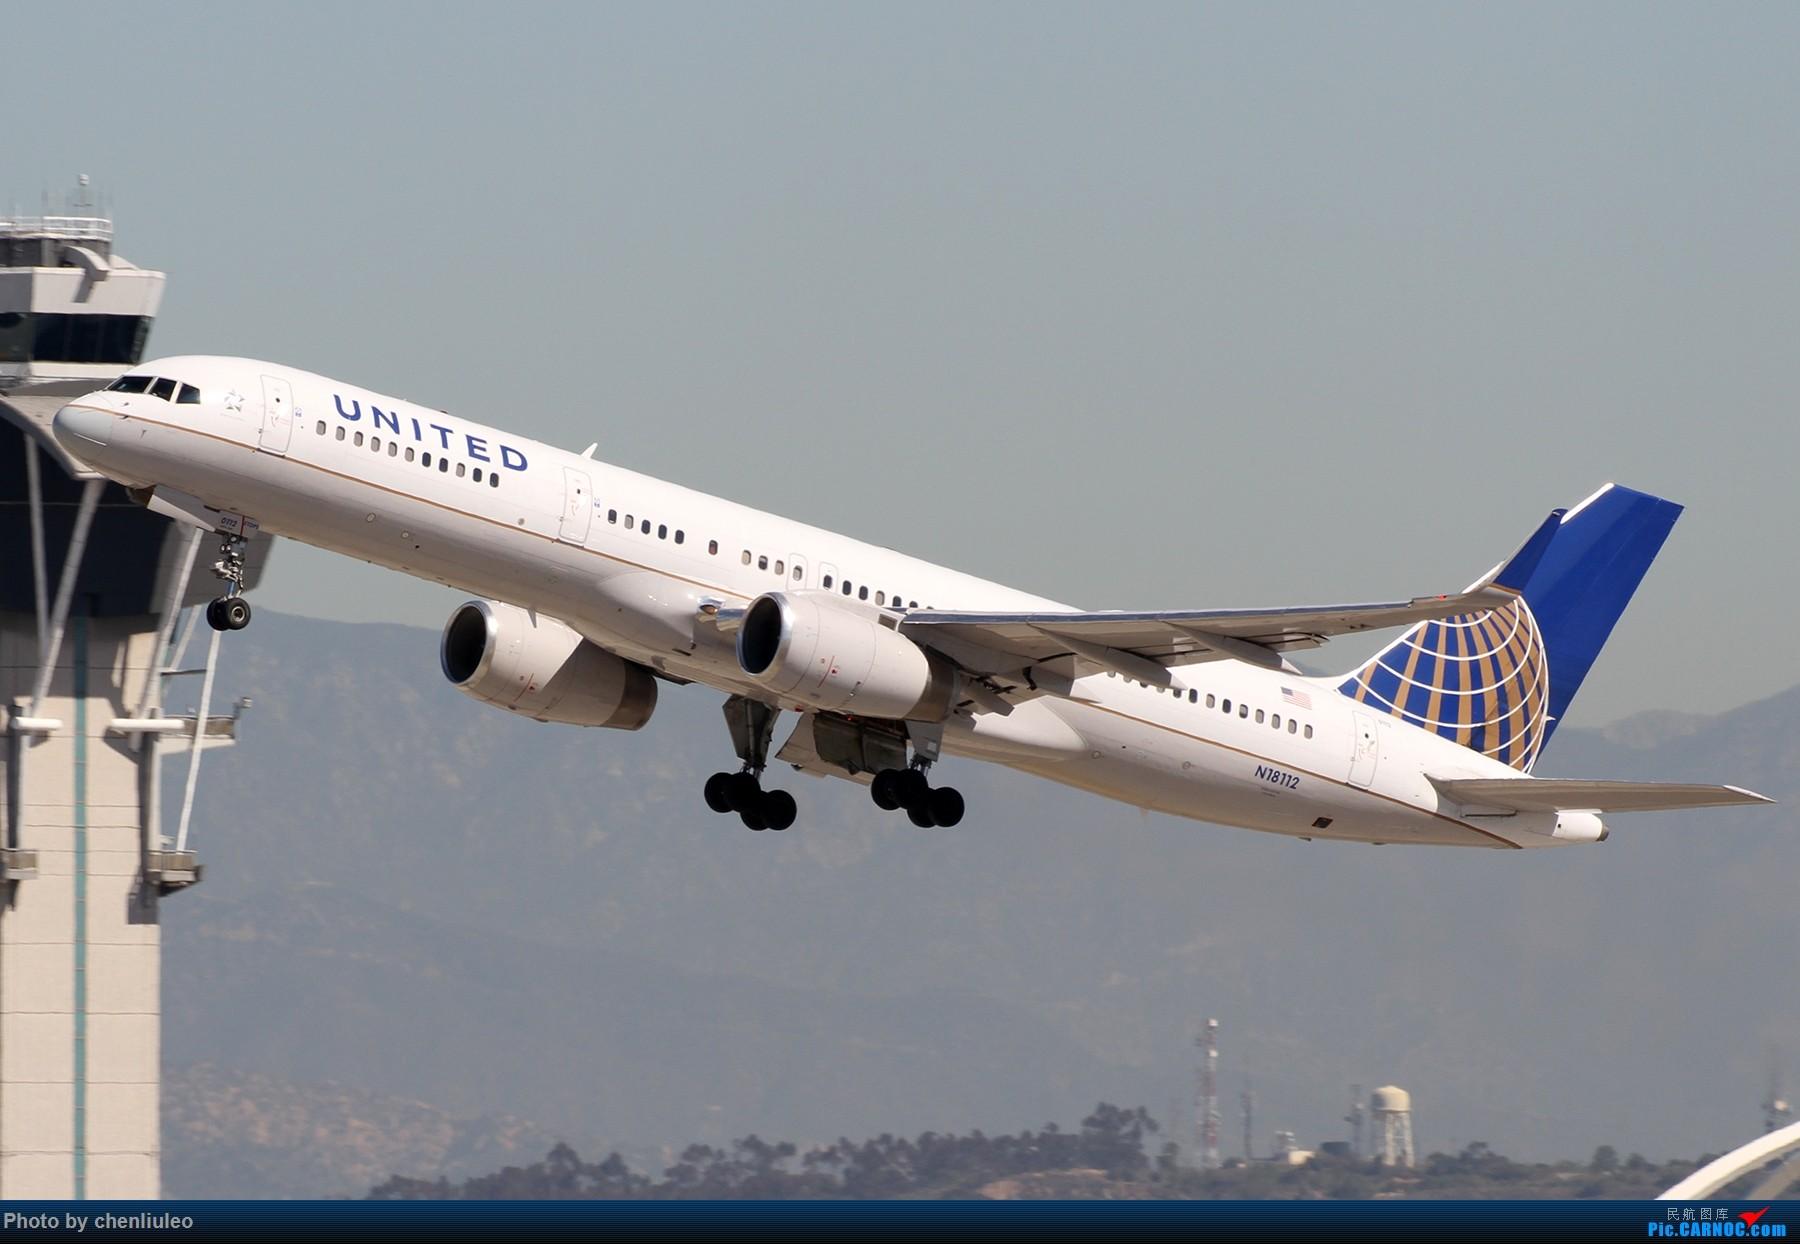 Re:[原创]【北美飞友会】LAX带地景起飞一组 BOEING 757-200 N18112 美国洛杉矶机场